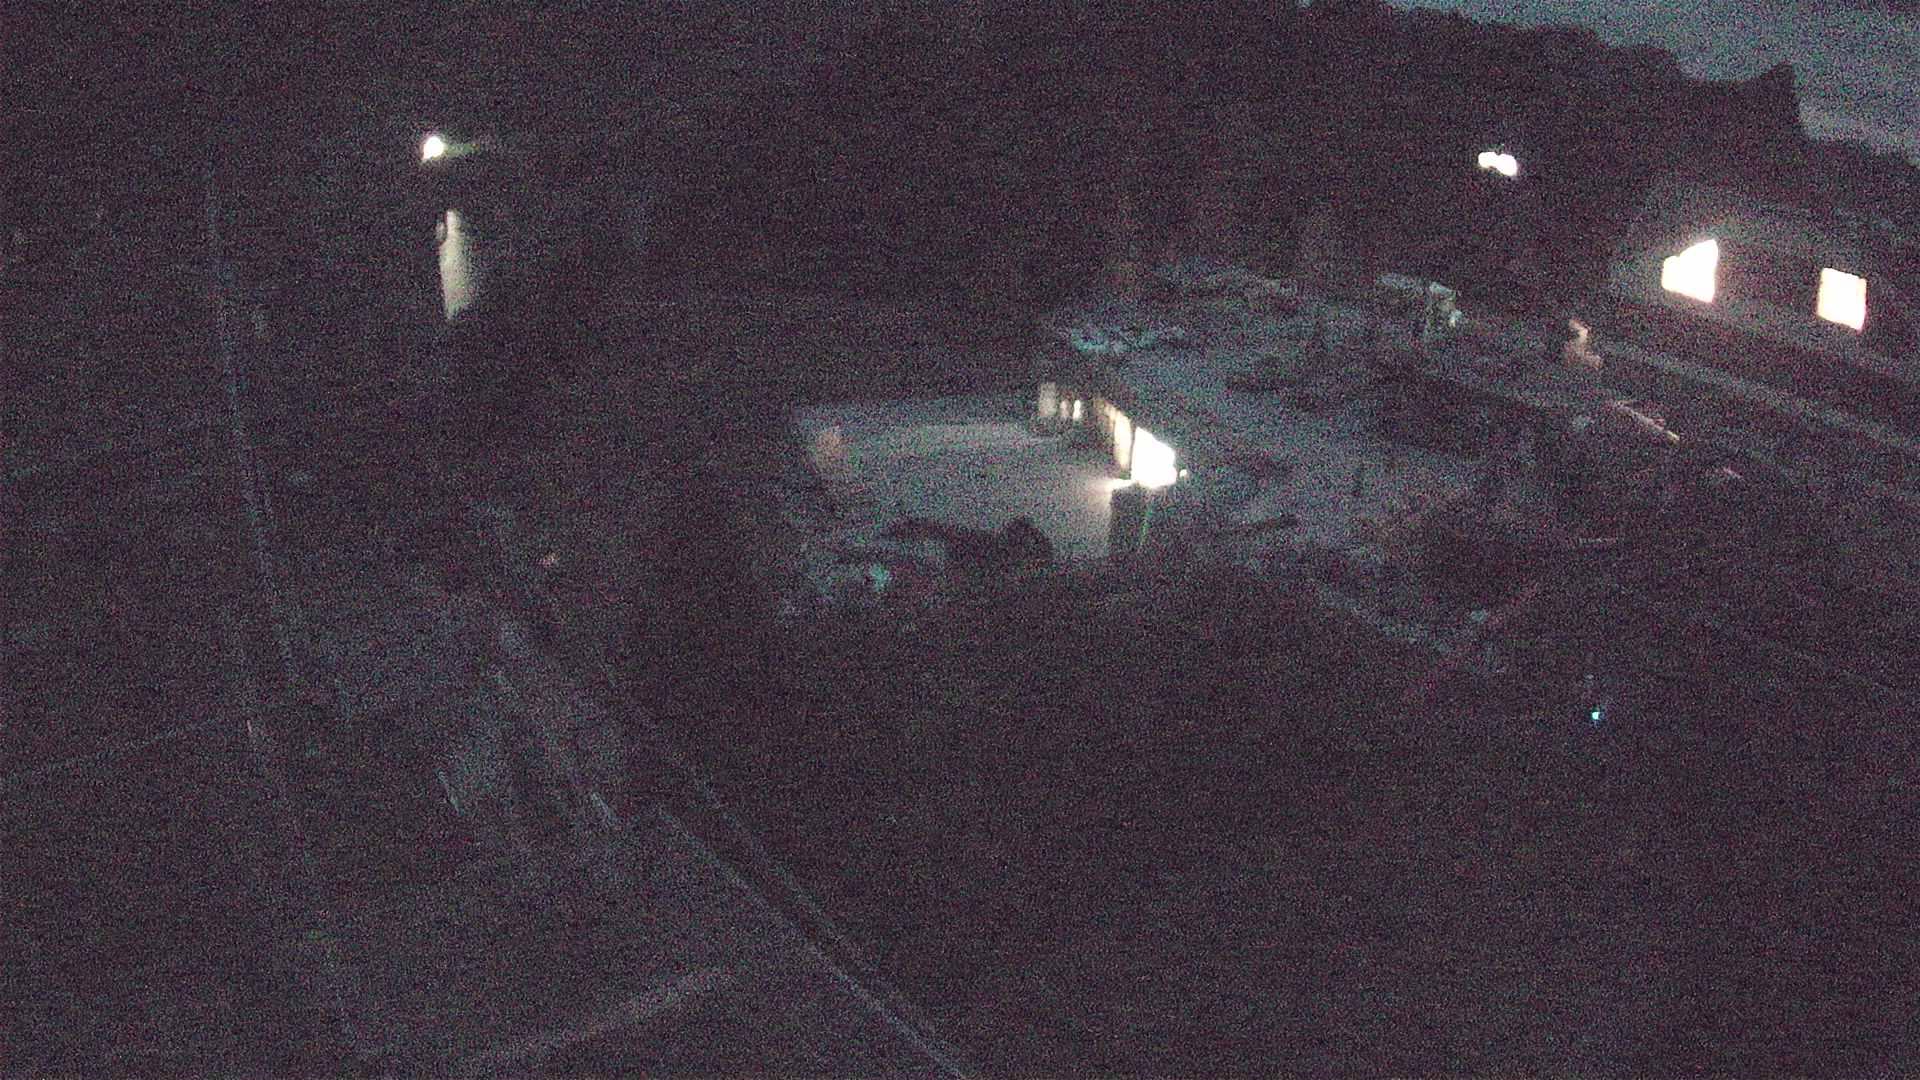 Pueblo igl alojamiento en la nieve nieve titlis engelberg - Alojamiento en la nieve ...